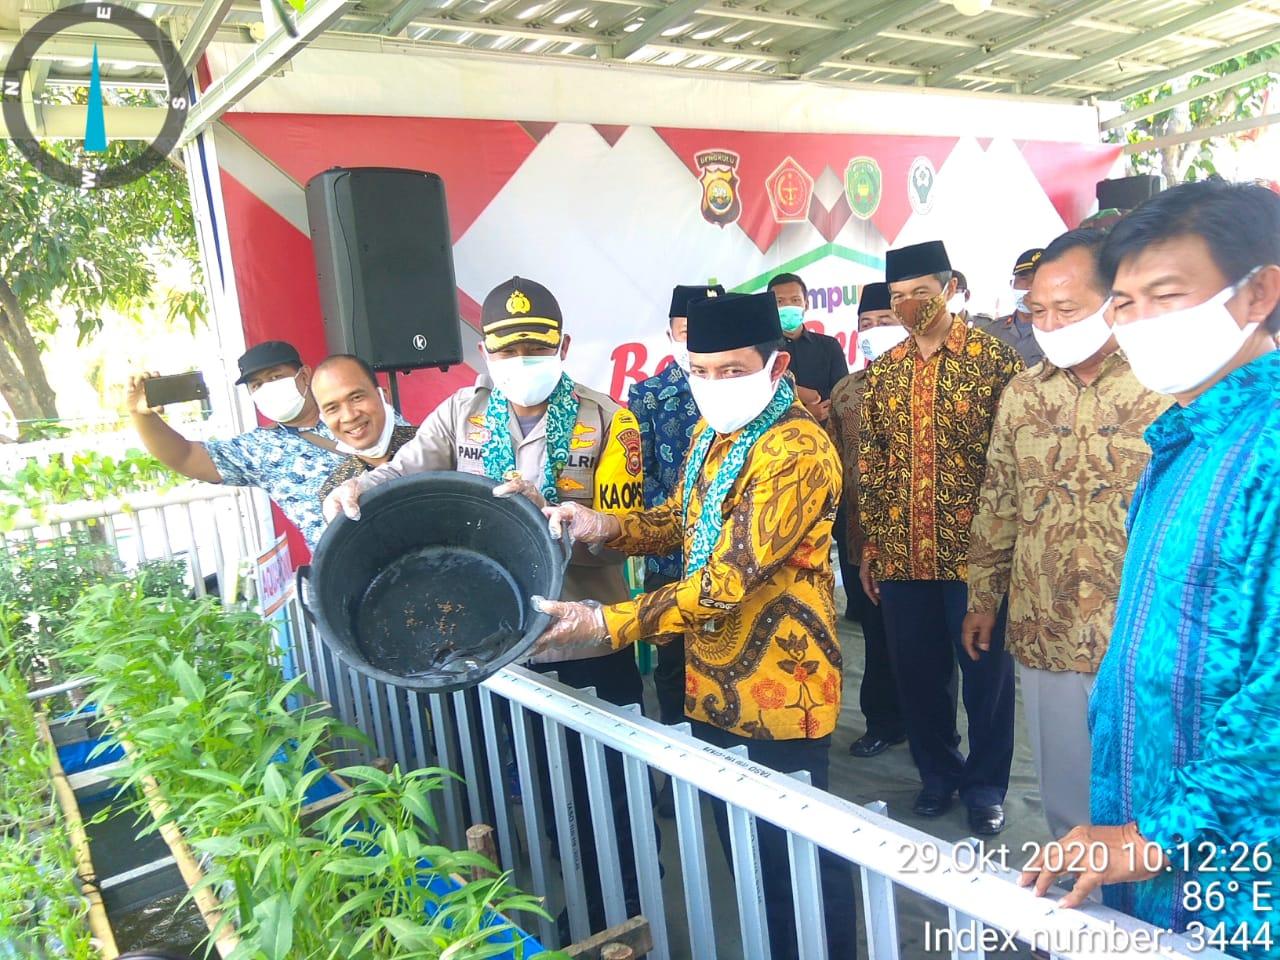 Polres Bengkulu Launching Kampung Berseri Berprestasi di Kelurahan Cempaka Permai